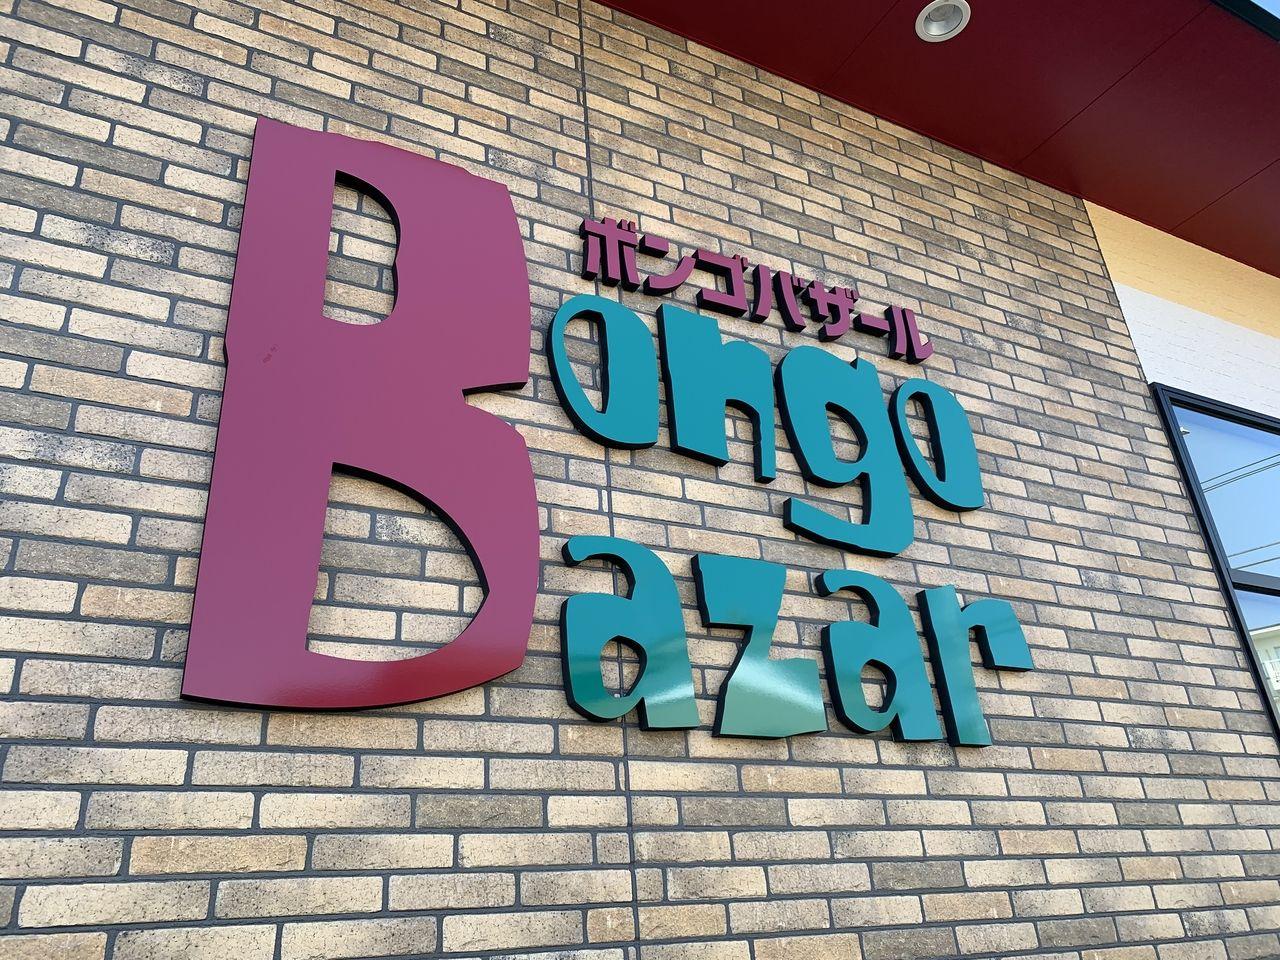 三郷市彦成3丁目にオープンした「ボンゴバザール」に行ってきました!